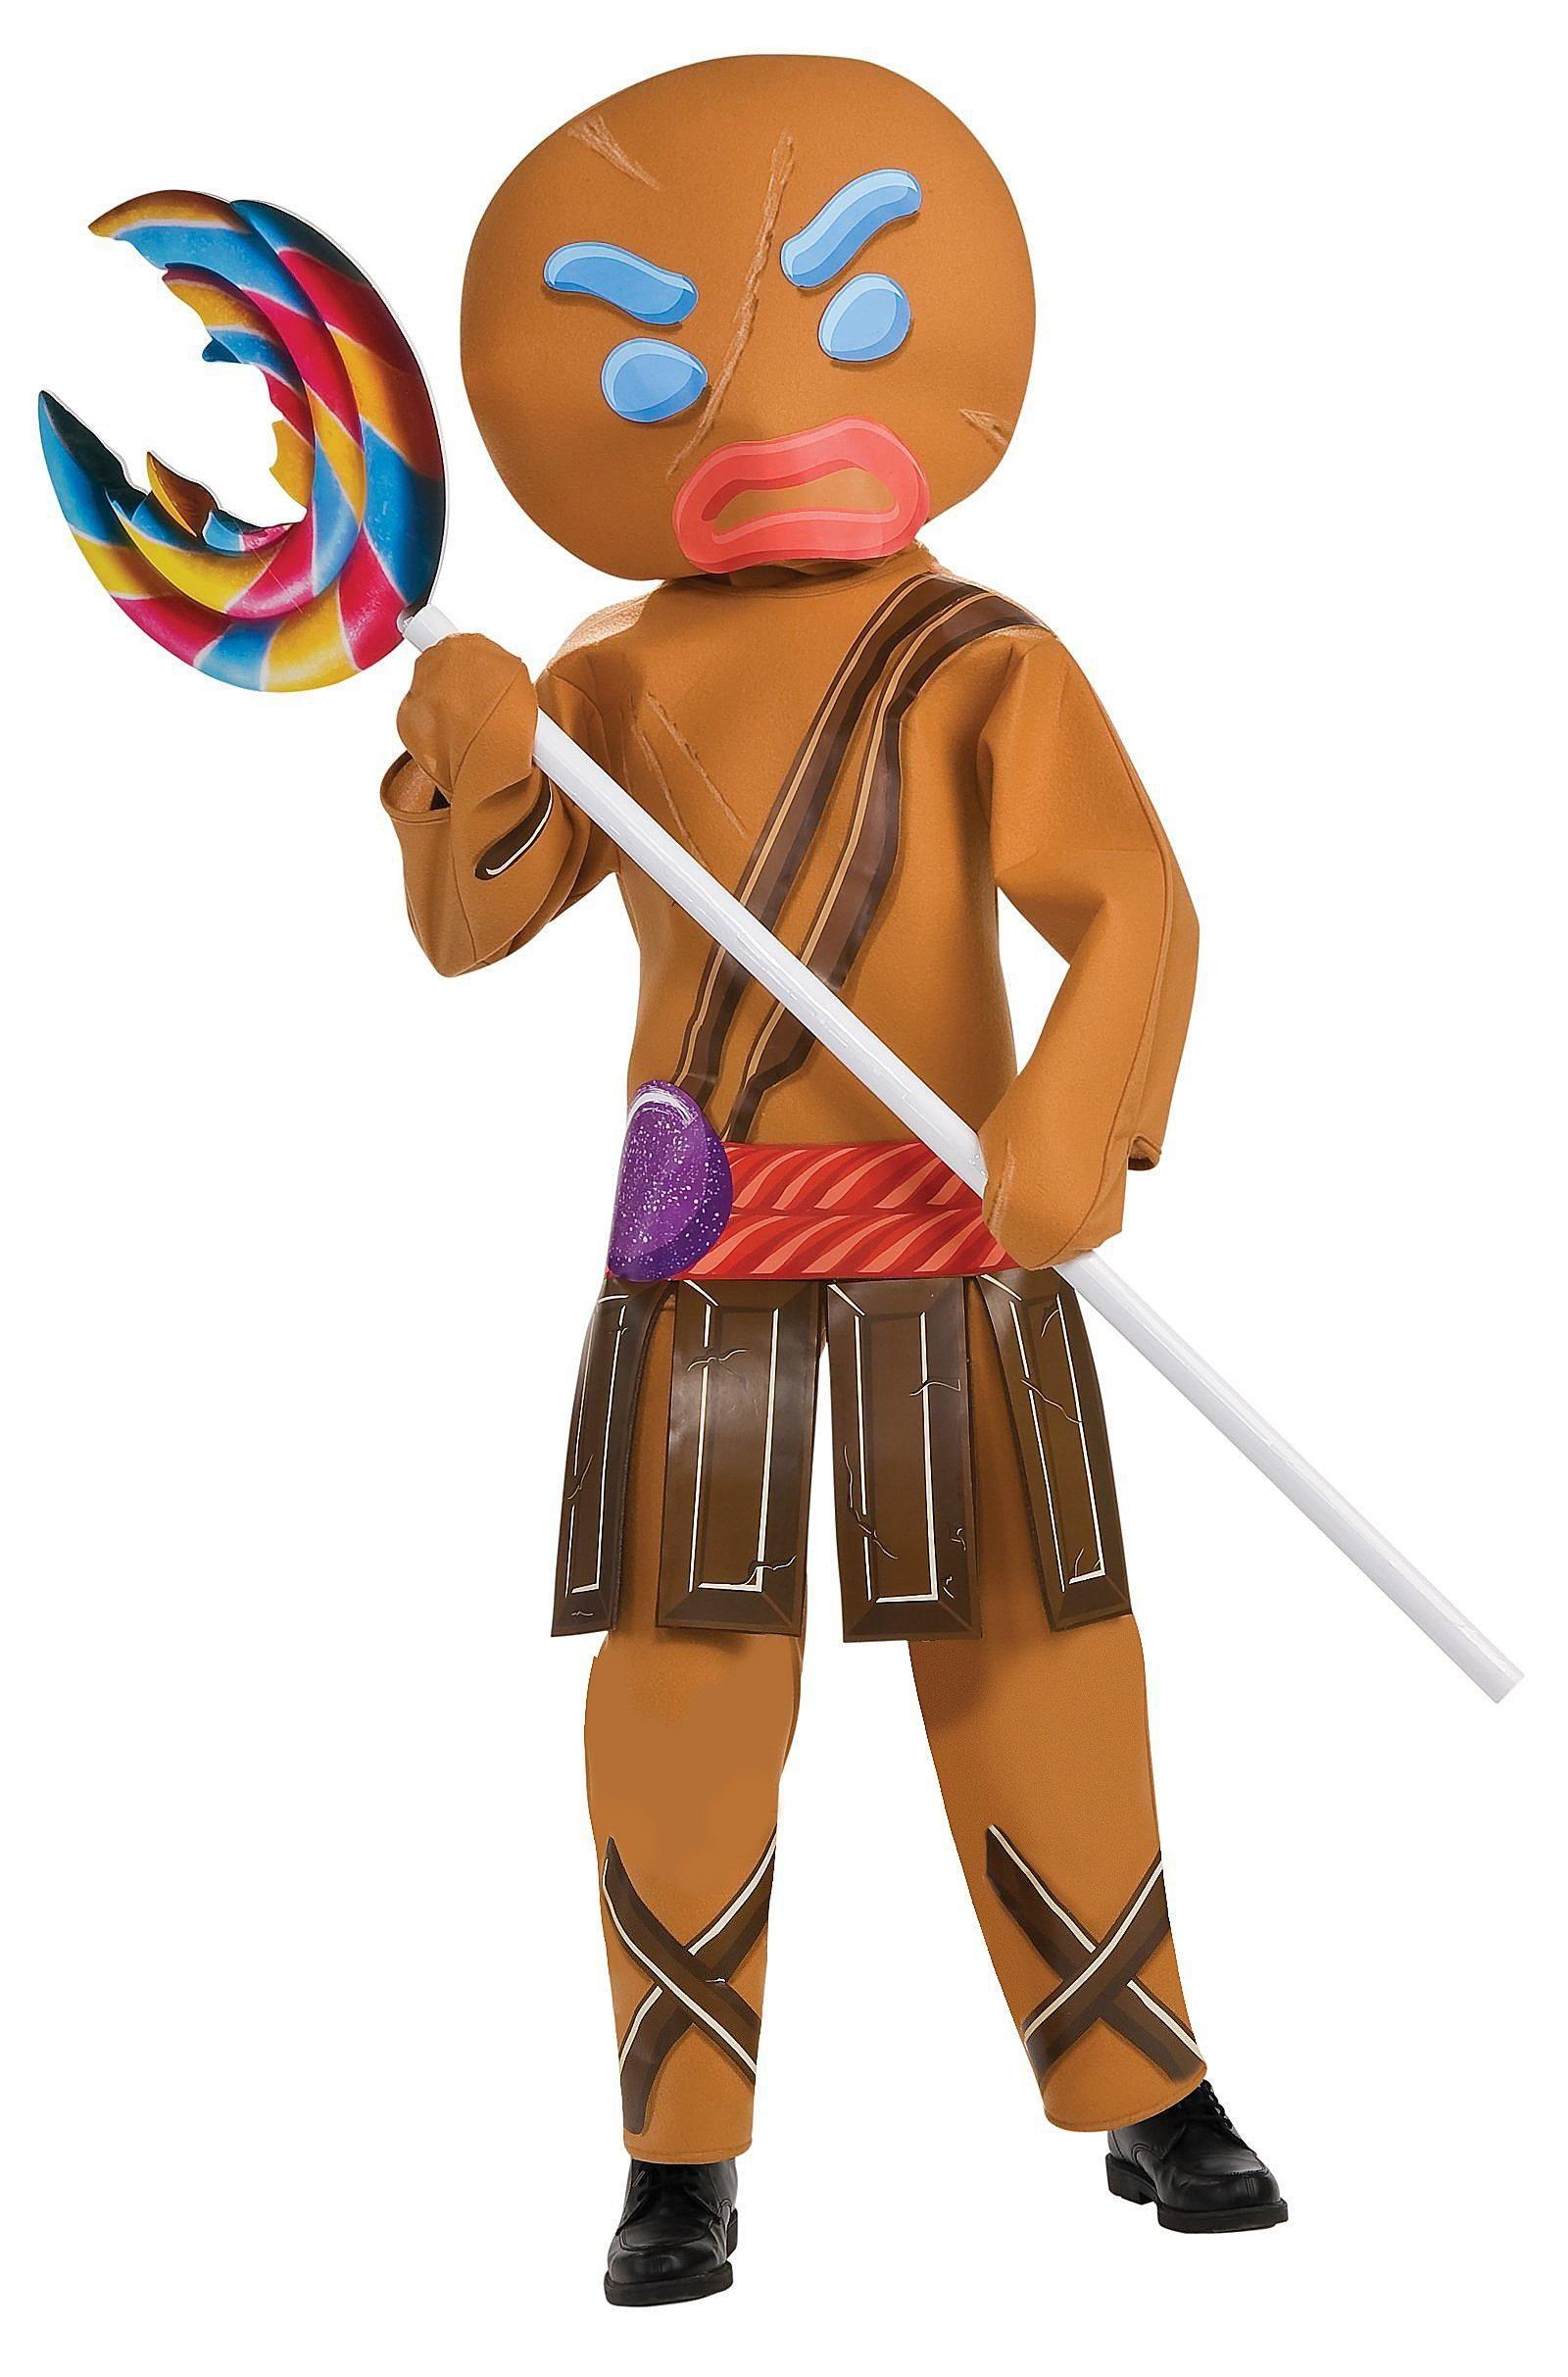 shrek-forever-after-gingerbread-warrior-child-costume-bc-70536.jpg (1600×2425)  sc 1 st  Pinterest & shrek-forever-after-gingerbread-warrior-child-costume-bc-70536.jpg ...